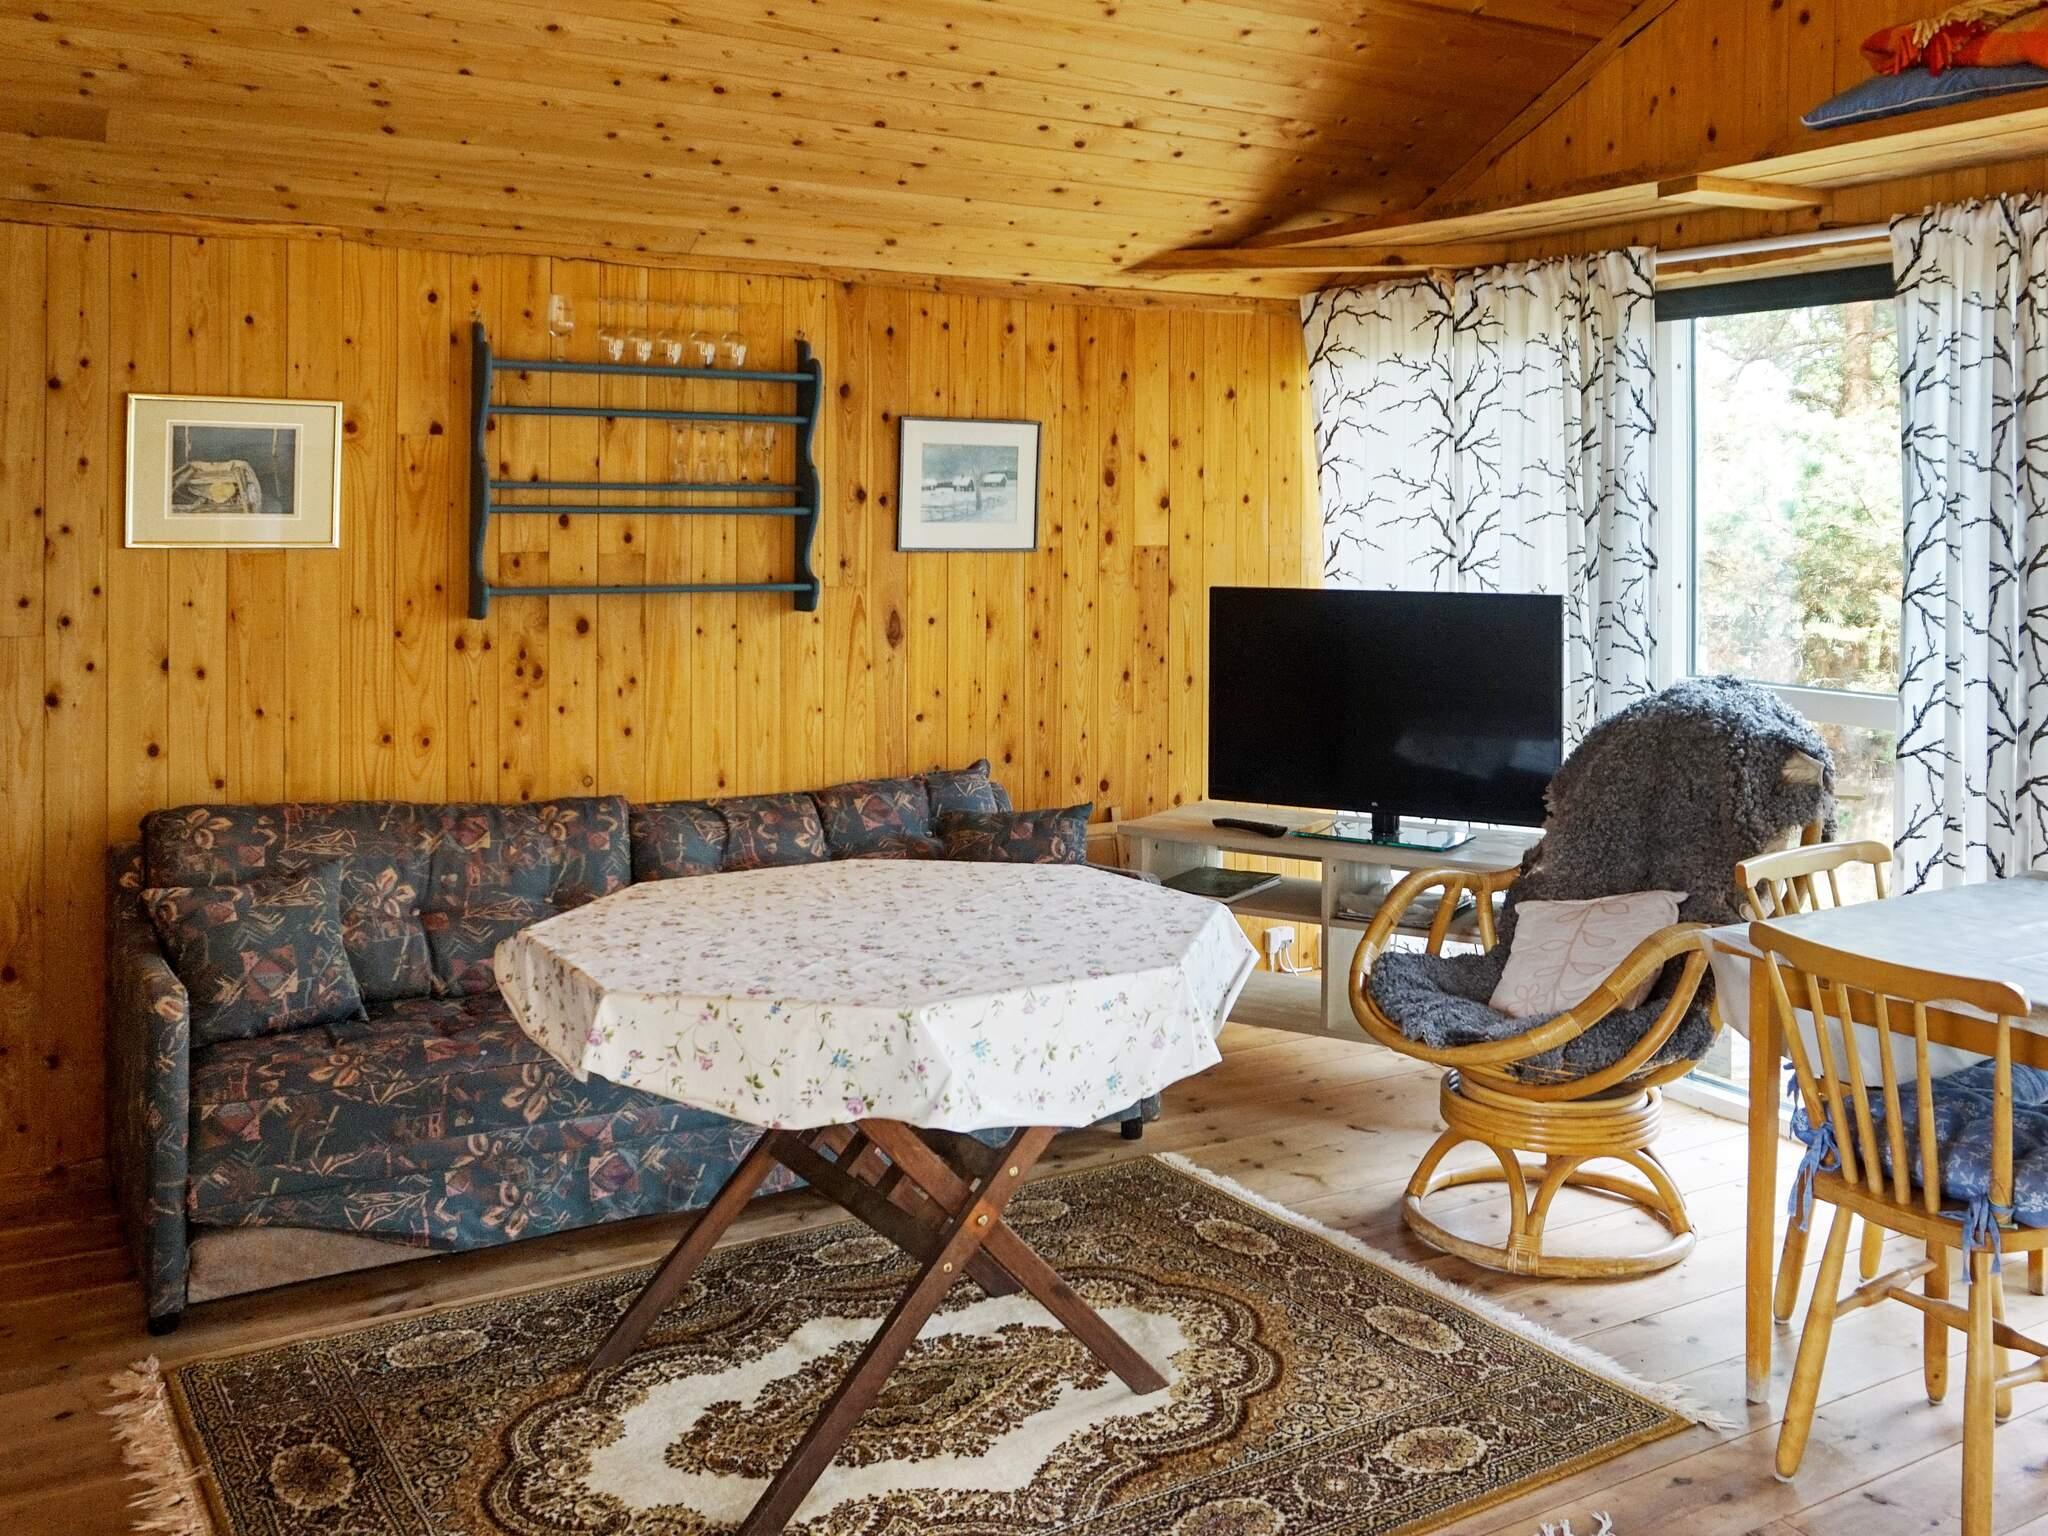 Ferienhaus Gryt (502645), Valdemarsvik, Östergötlands län, Südschweden, Schweden, Bild 4